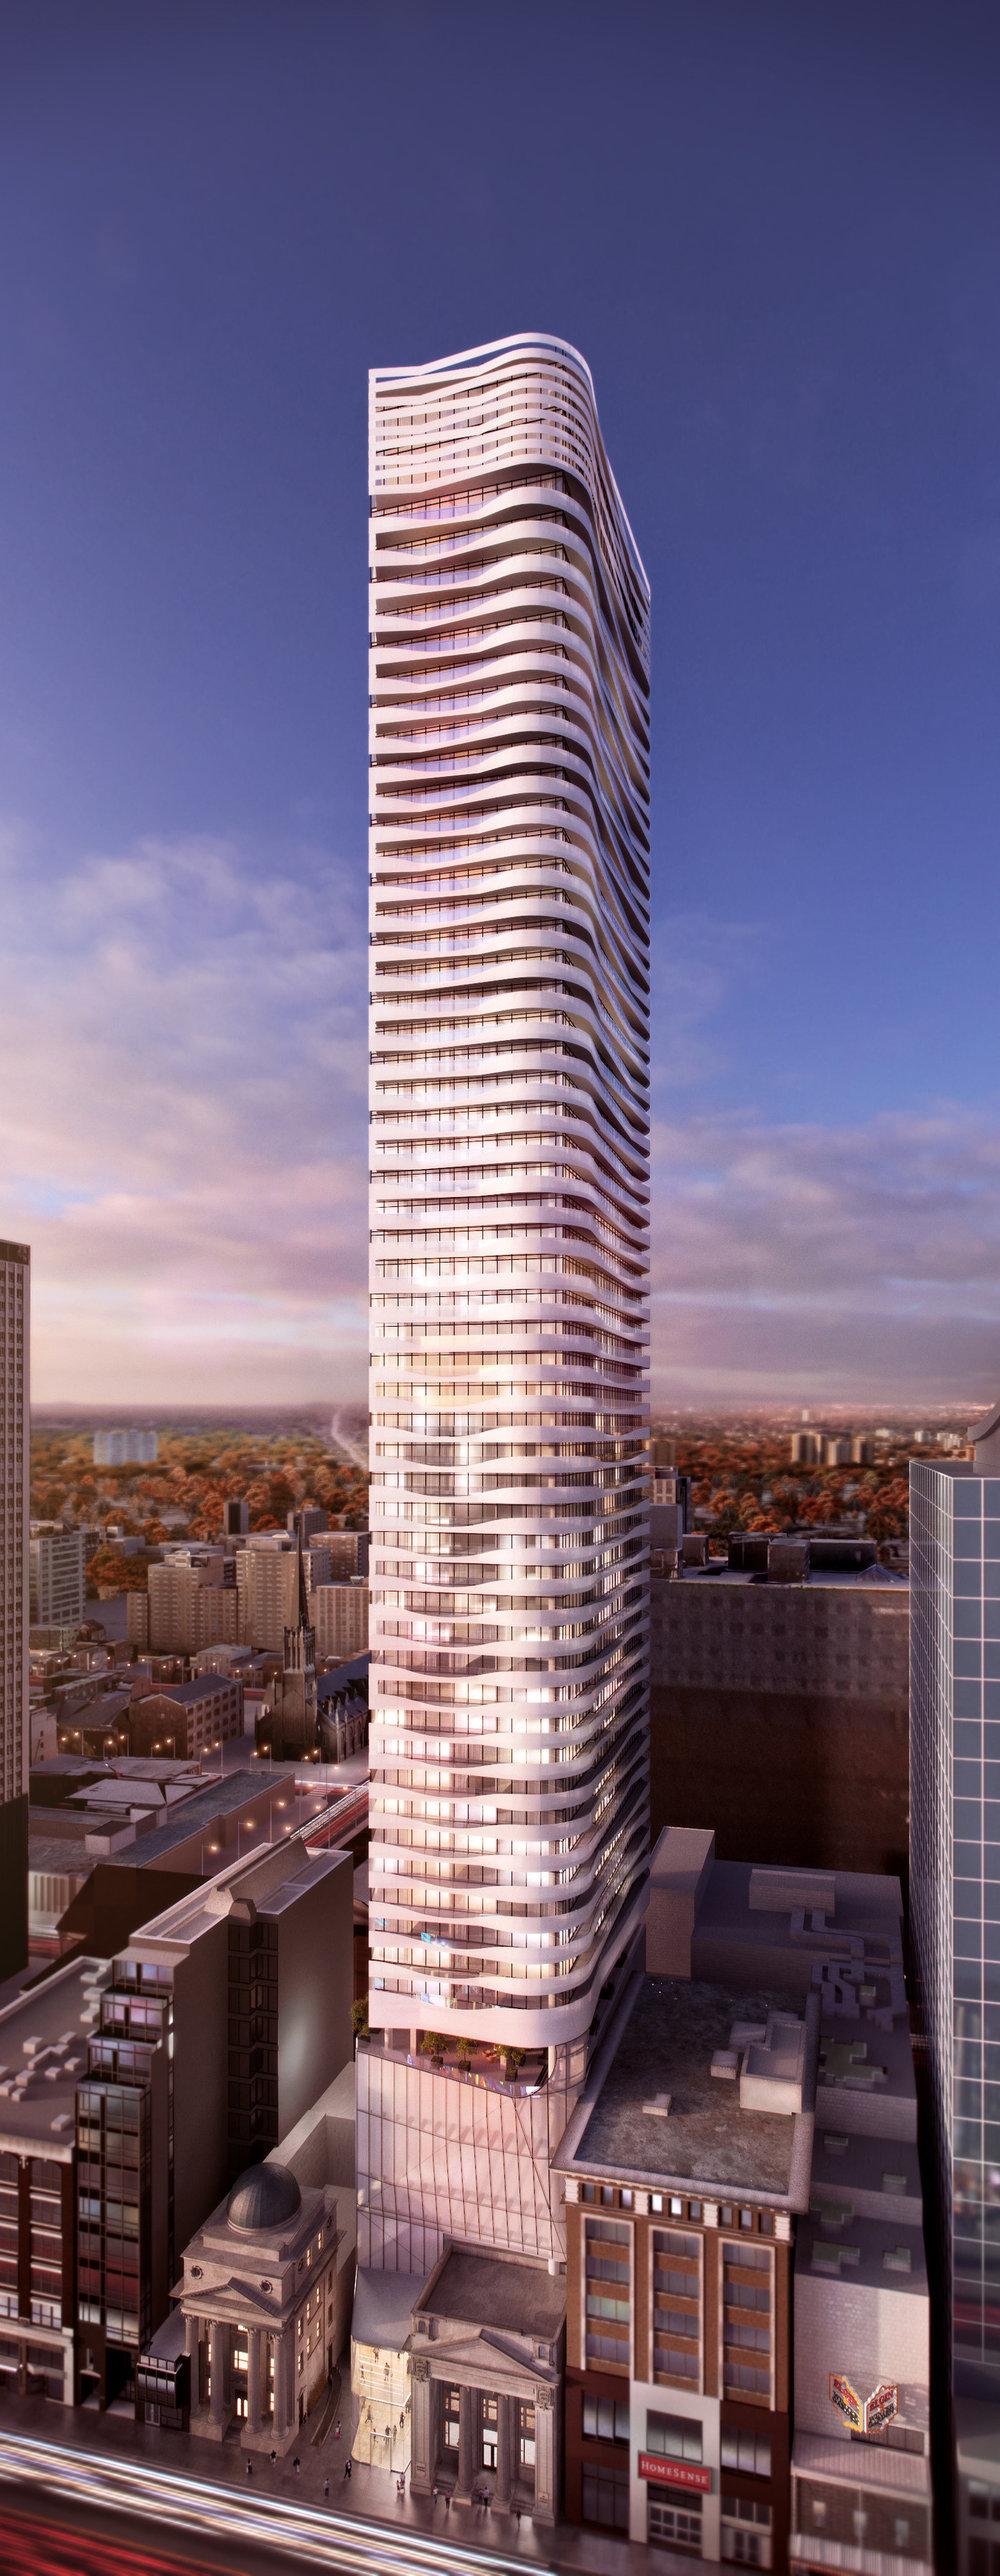 Massey Tower Exterior Photo.jpg